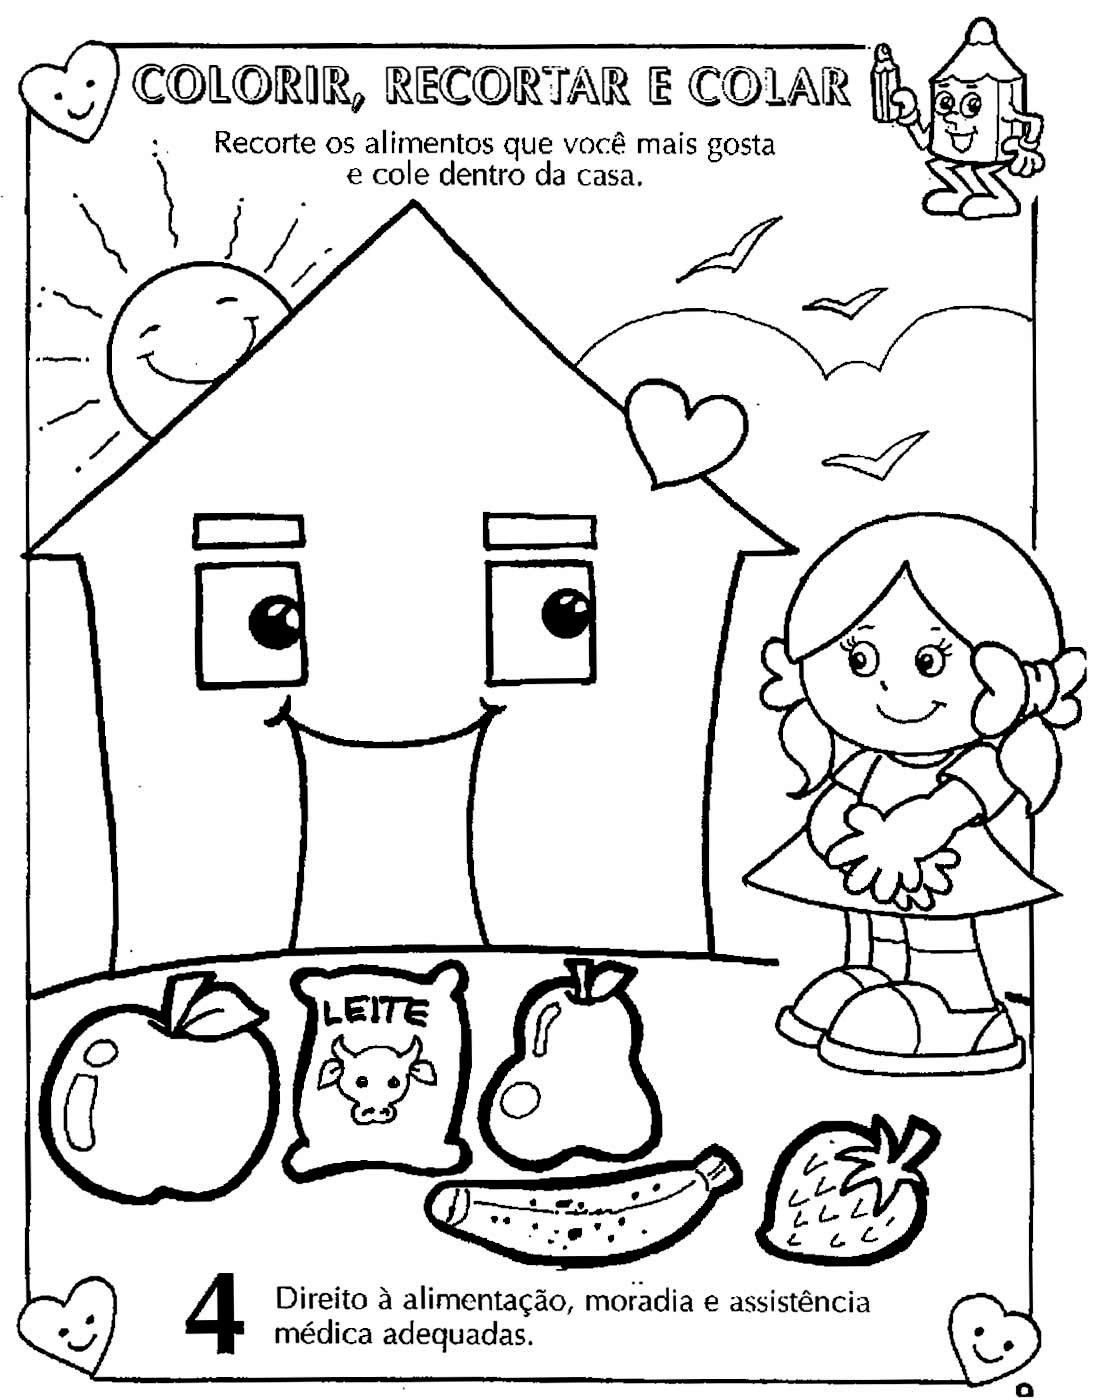 Mifamily024 blogspot likewise Video Cuentos Infantiles Cortos Para Ninos El Supermercado additionally 1927 additionally Crucigrama 3221076 furthermore Bloqueo Conclusiones Del Informe 2017. on copia de derechos humanos 1 2